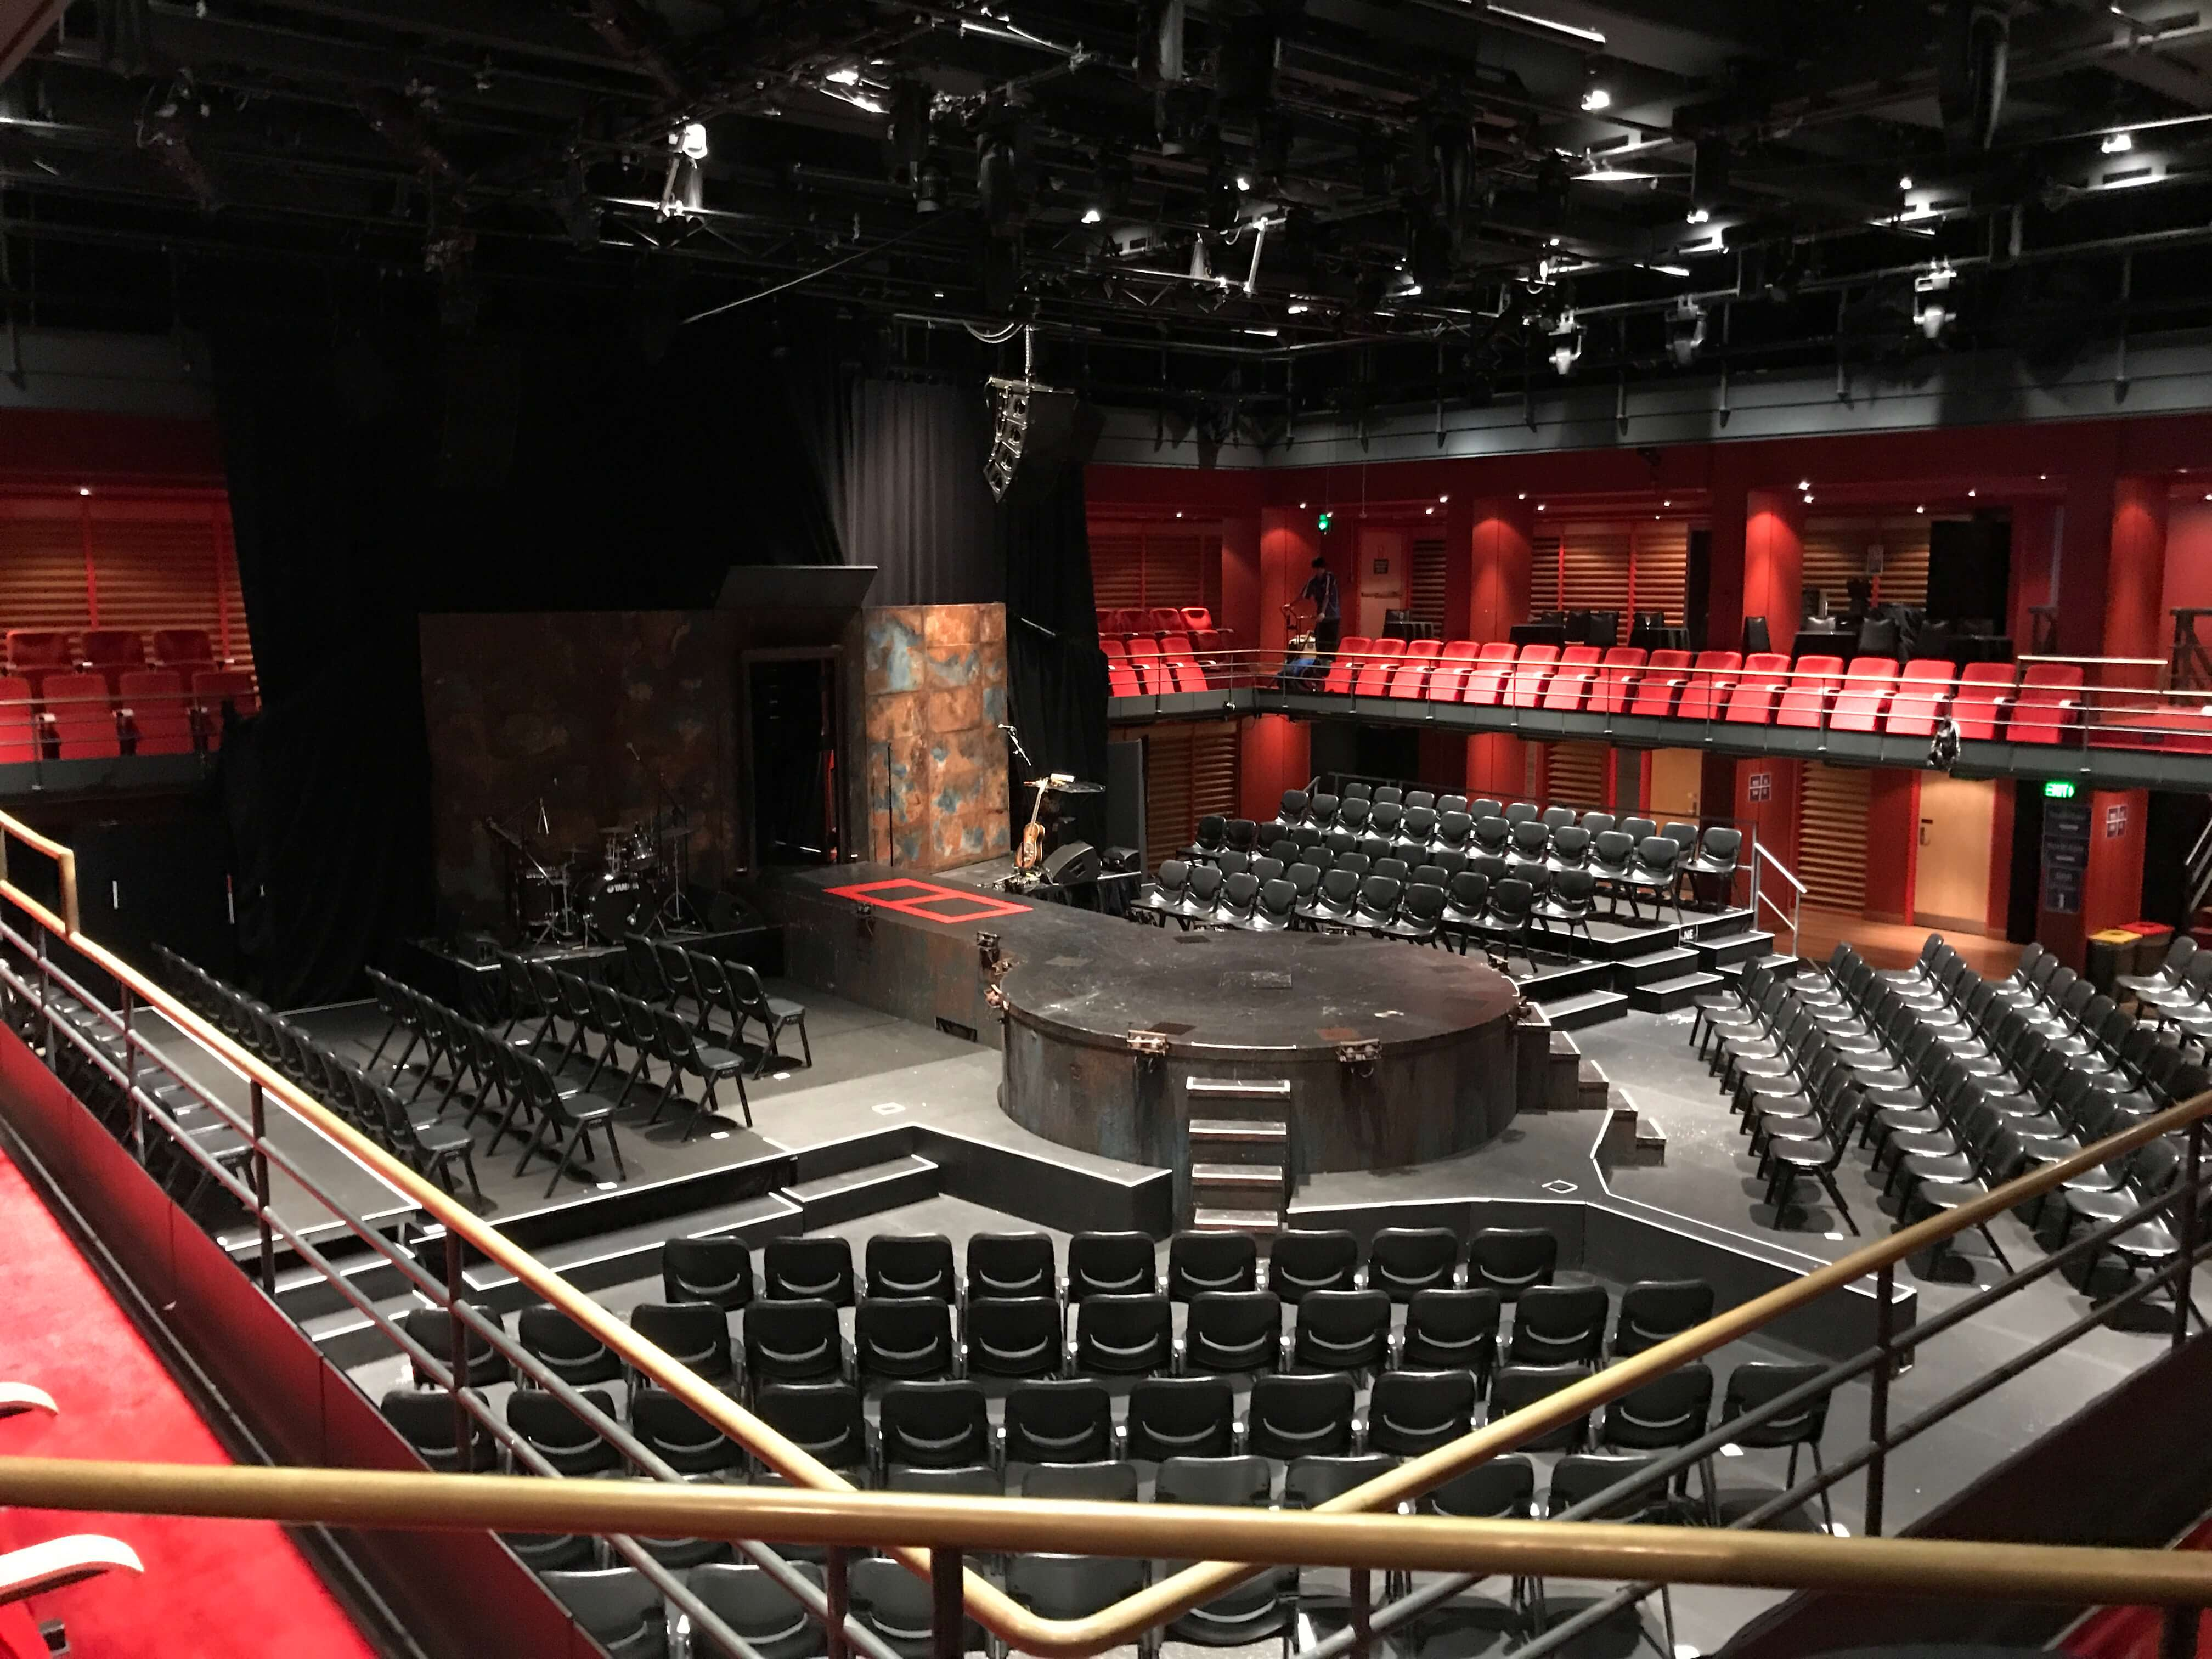 澳洲 雪梨歌劇院 多功能演播室 by 倍包客